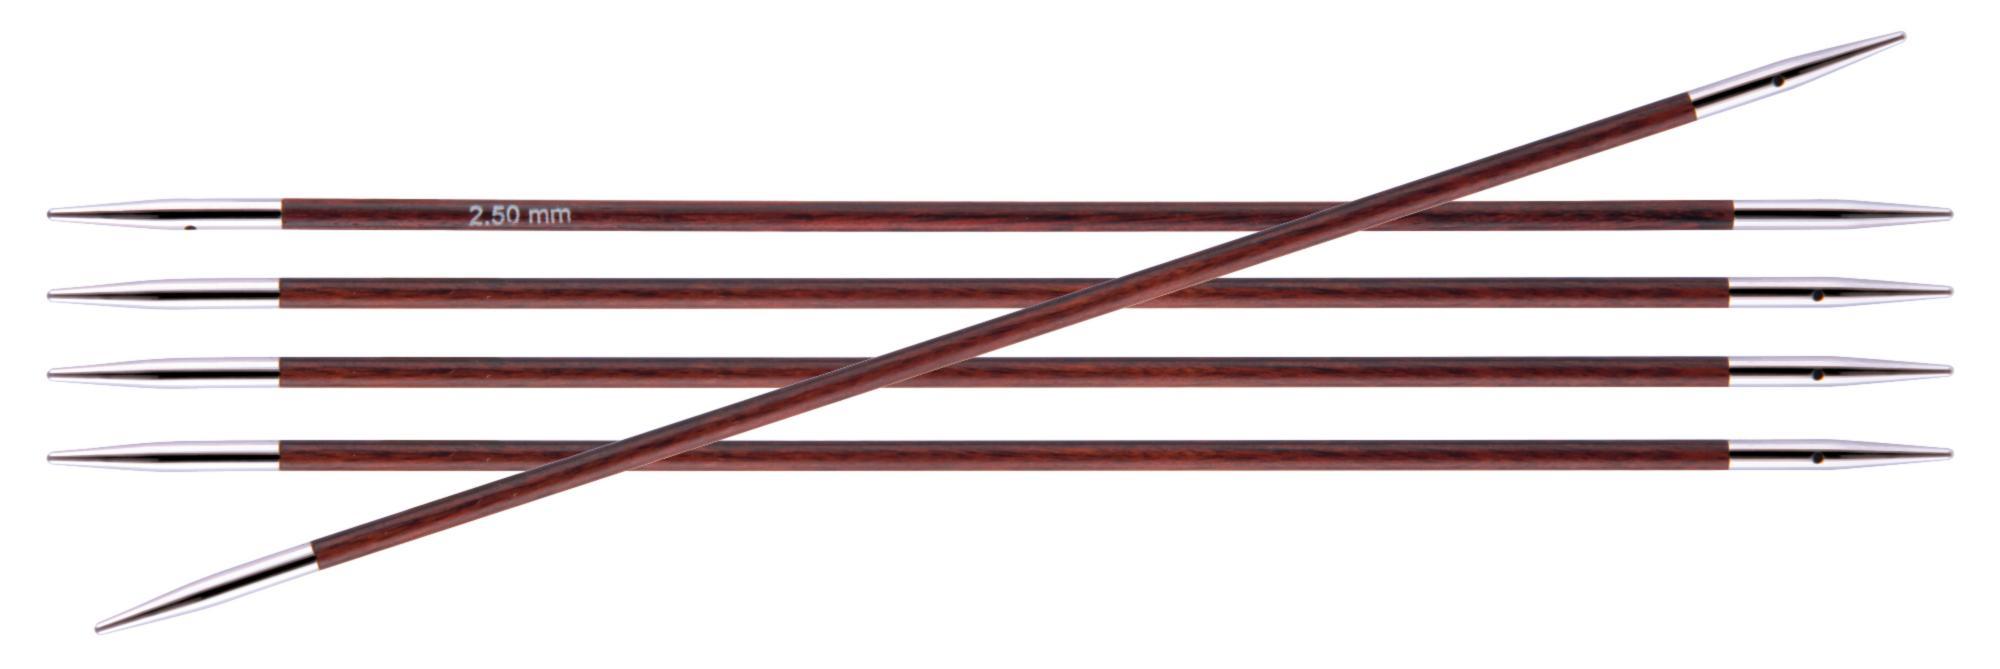 Спицы носочные 20 см Royale KnitPro, 29031, 2.50 мм